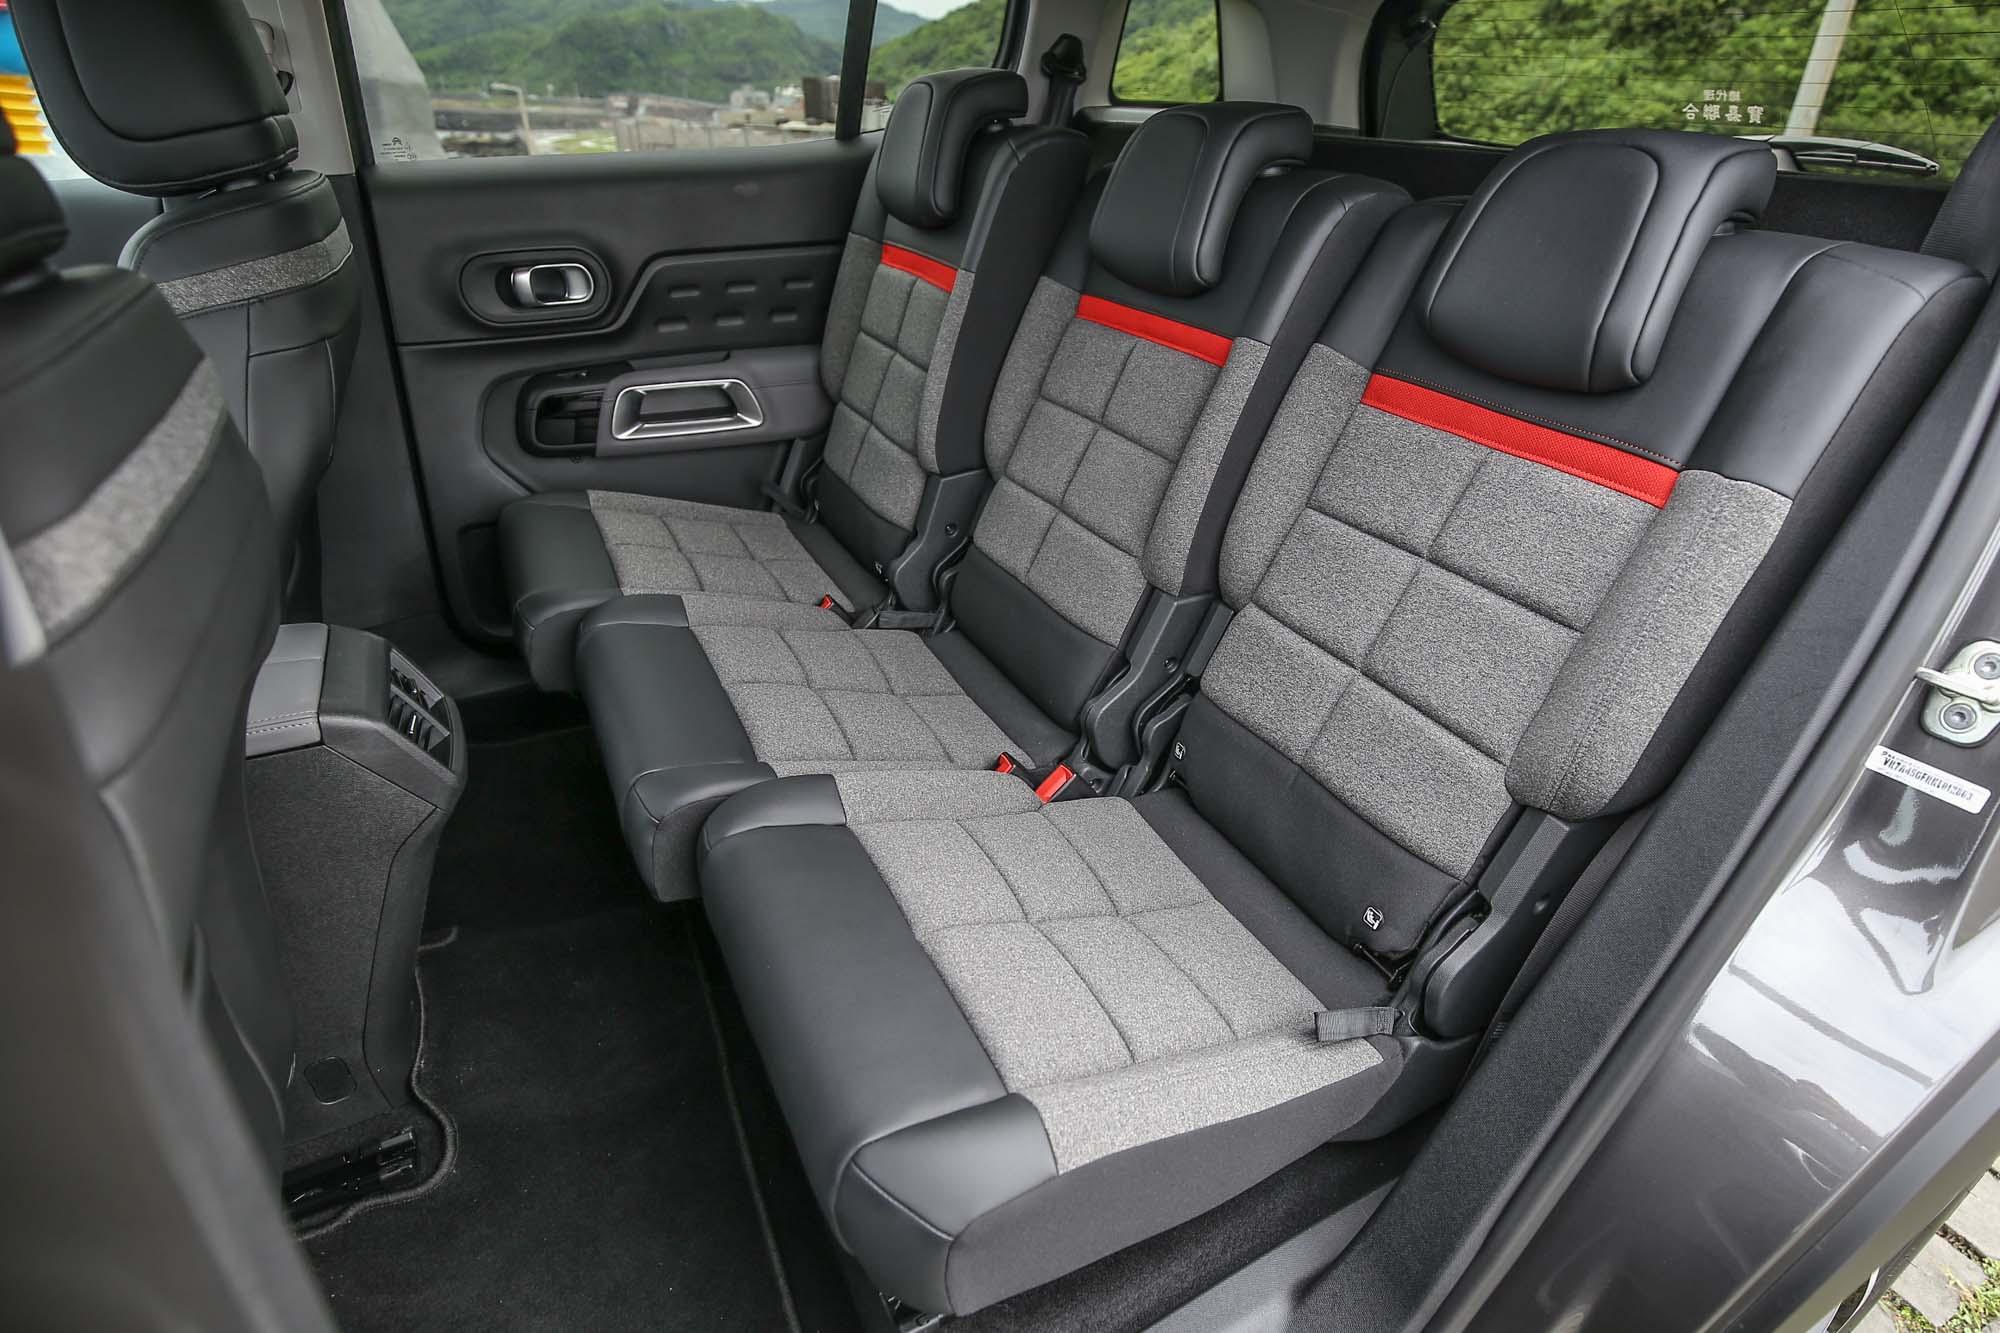 導入過去只有在 MPV 車型上才有的三張獨立後座椅,每一張都可以獨立調整椅背角度與前後滑移位置。